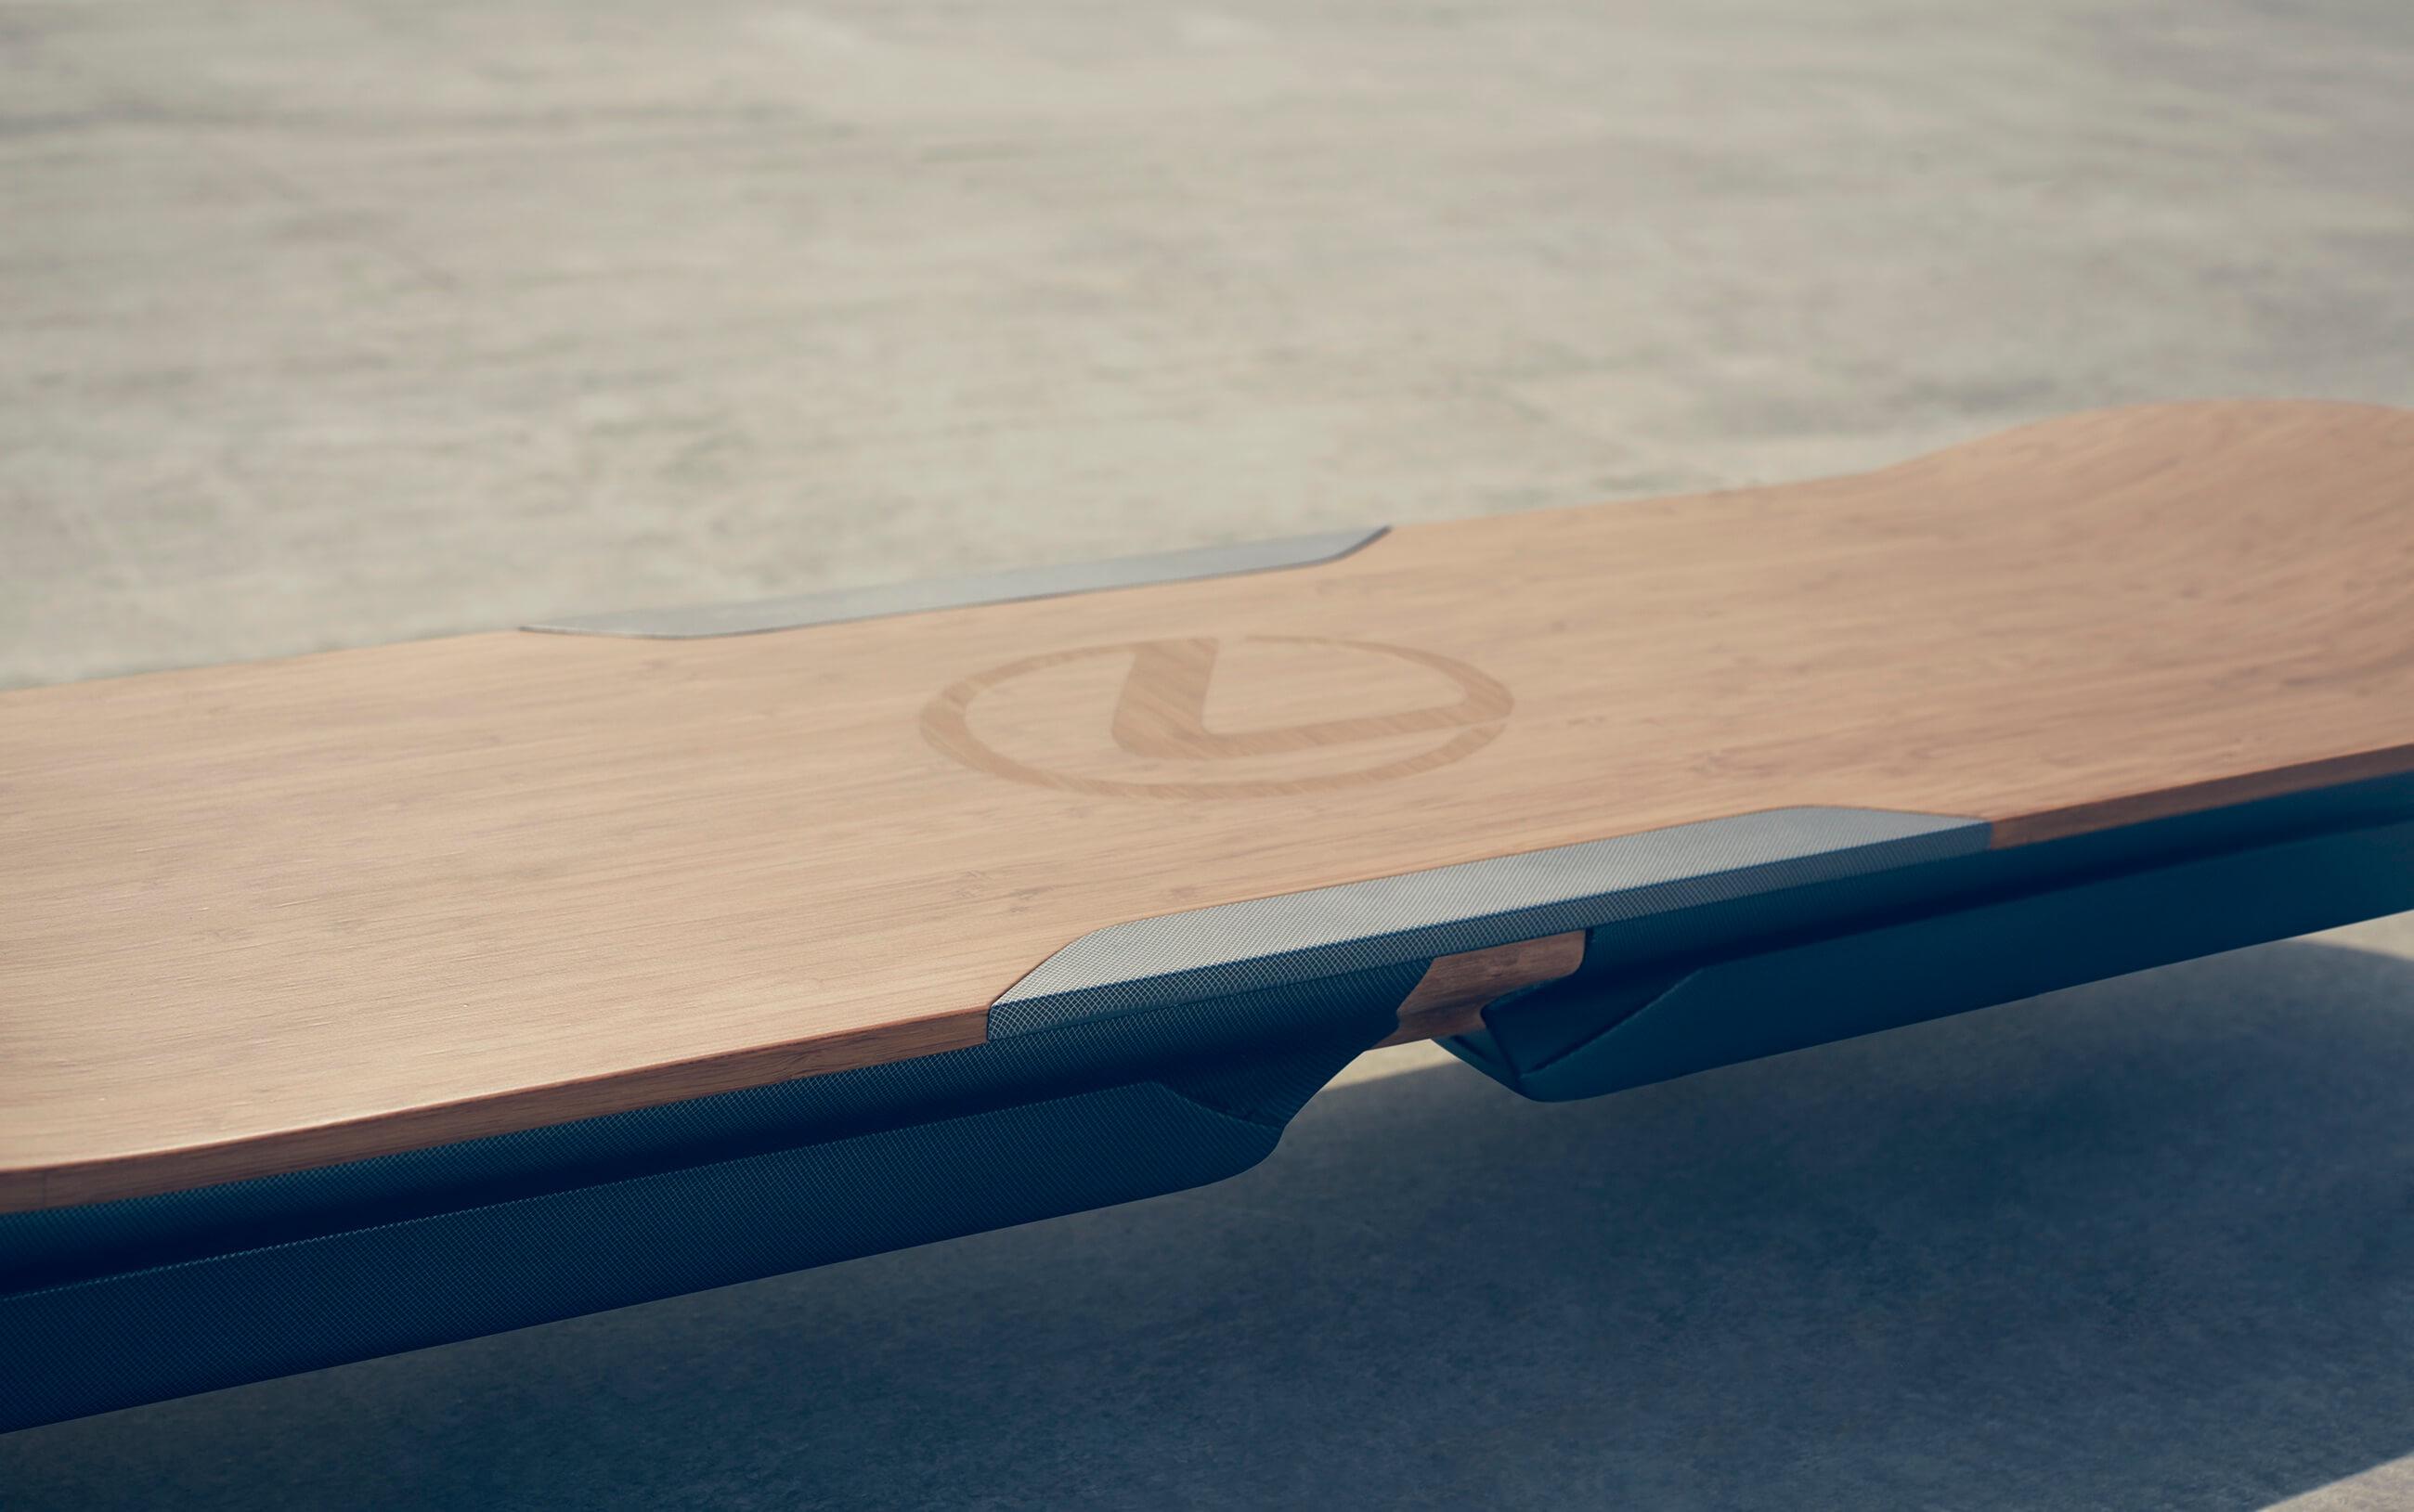 hoverboardlexus2-1